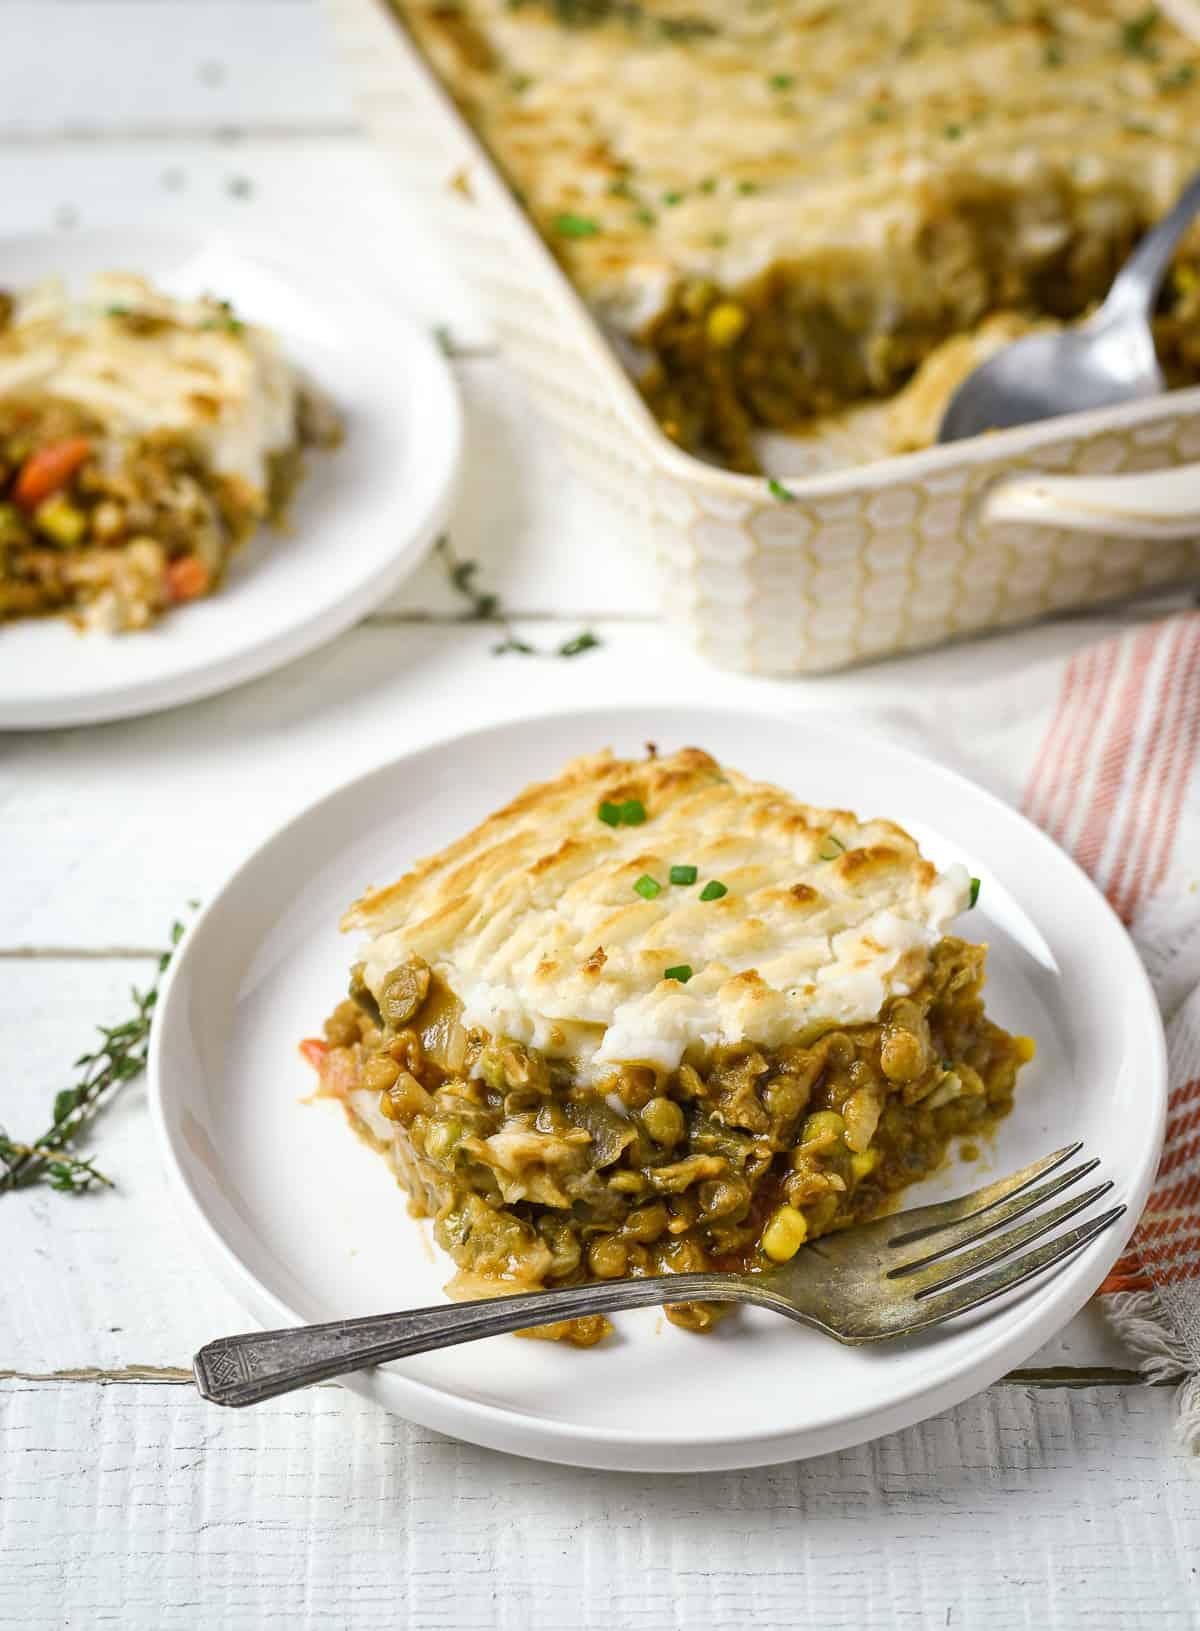 Vegan lentil shepherd's pie on plate with fork.